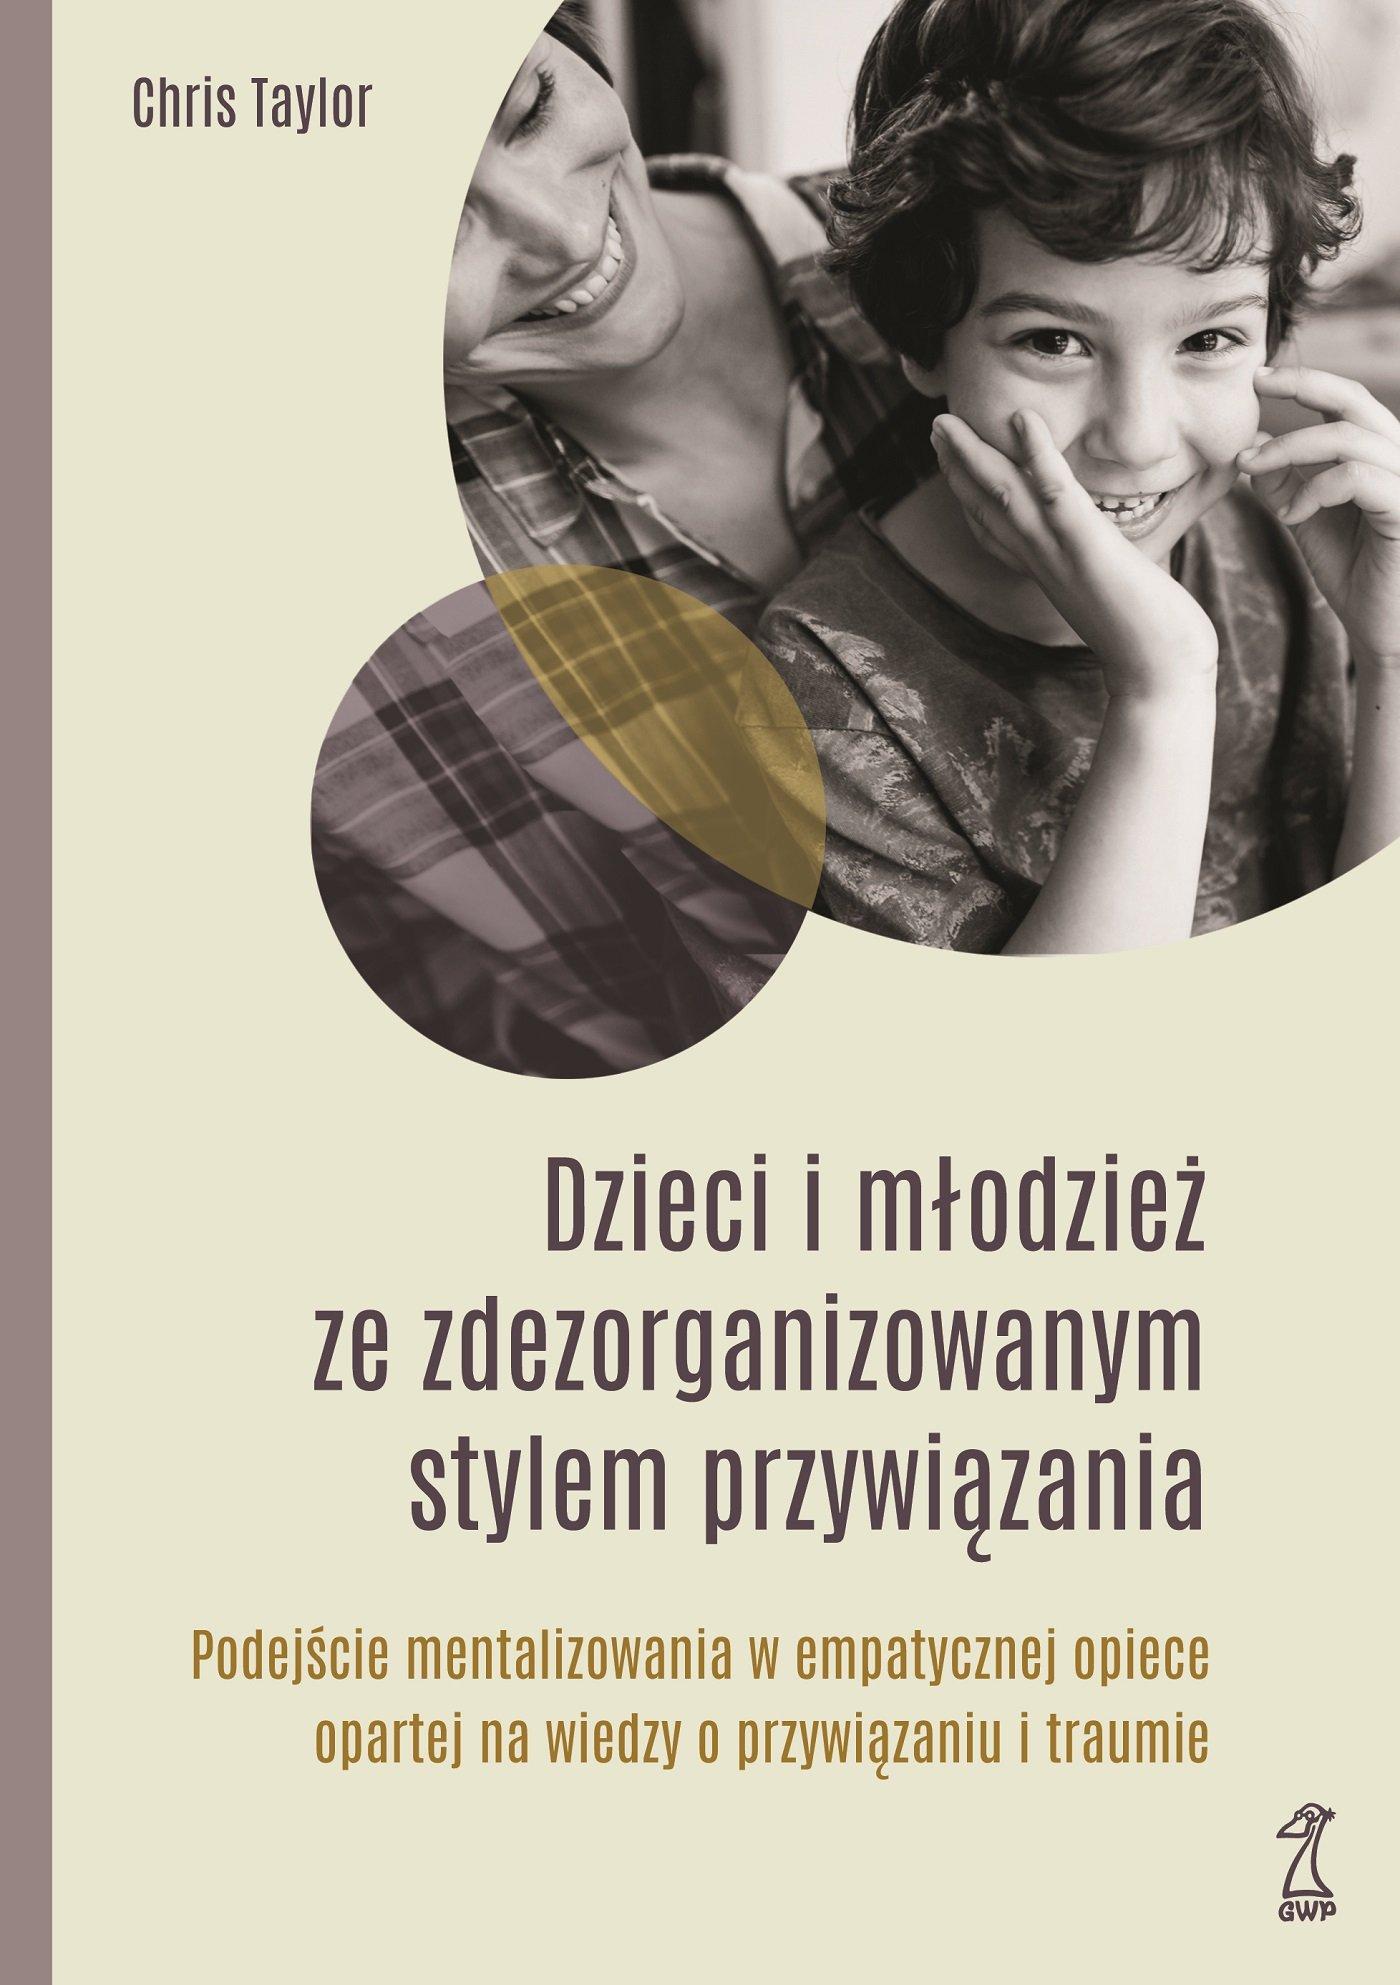 DZIECI I MŁODZIEŻ ZE ZDEZORGANIZOWANYM STYLEM PRZYWIĄZANIA - Ebook (Książka na Kindle) do pobrania w formacie MOBI